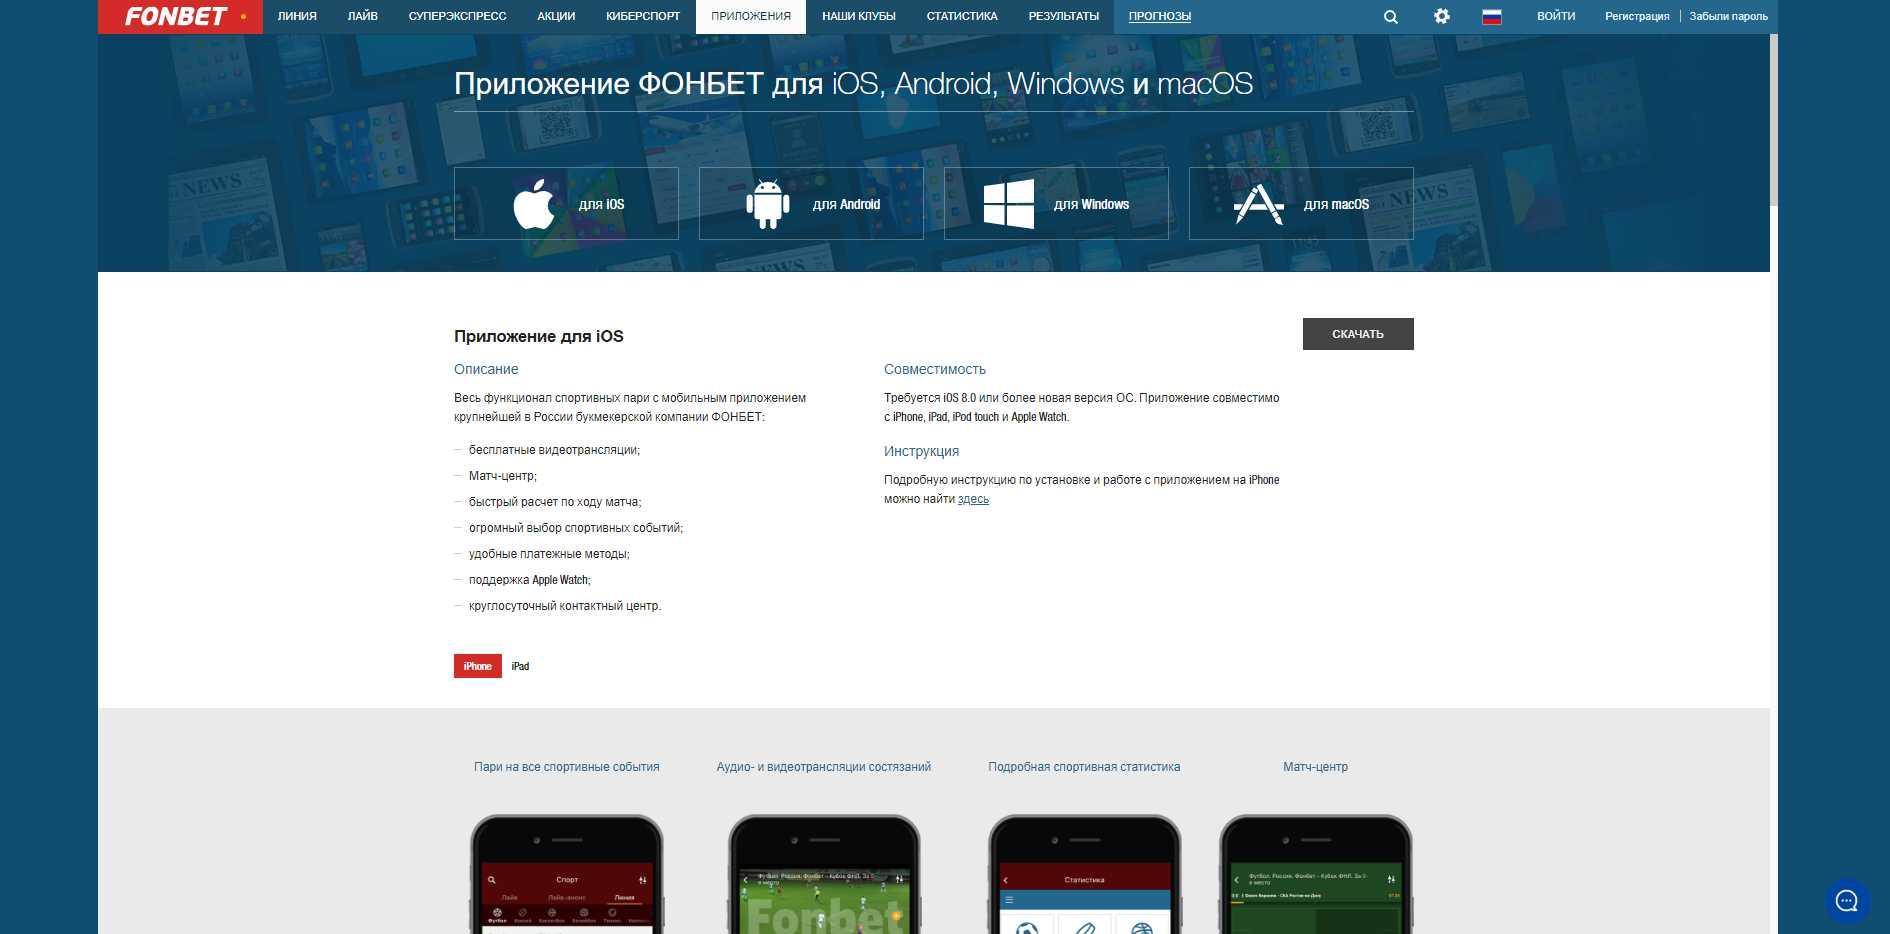 Фонбет мобильная версия для Андроид, iOS и Java